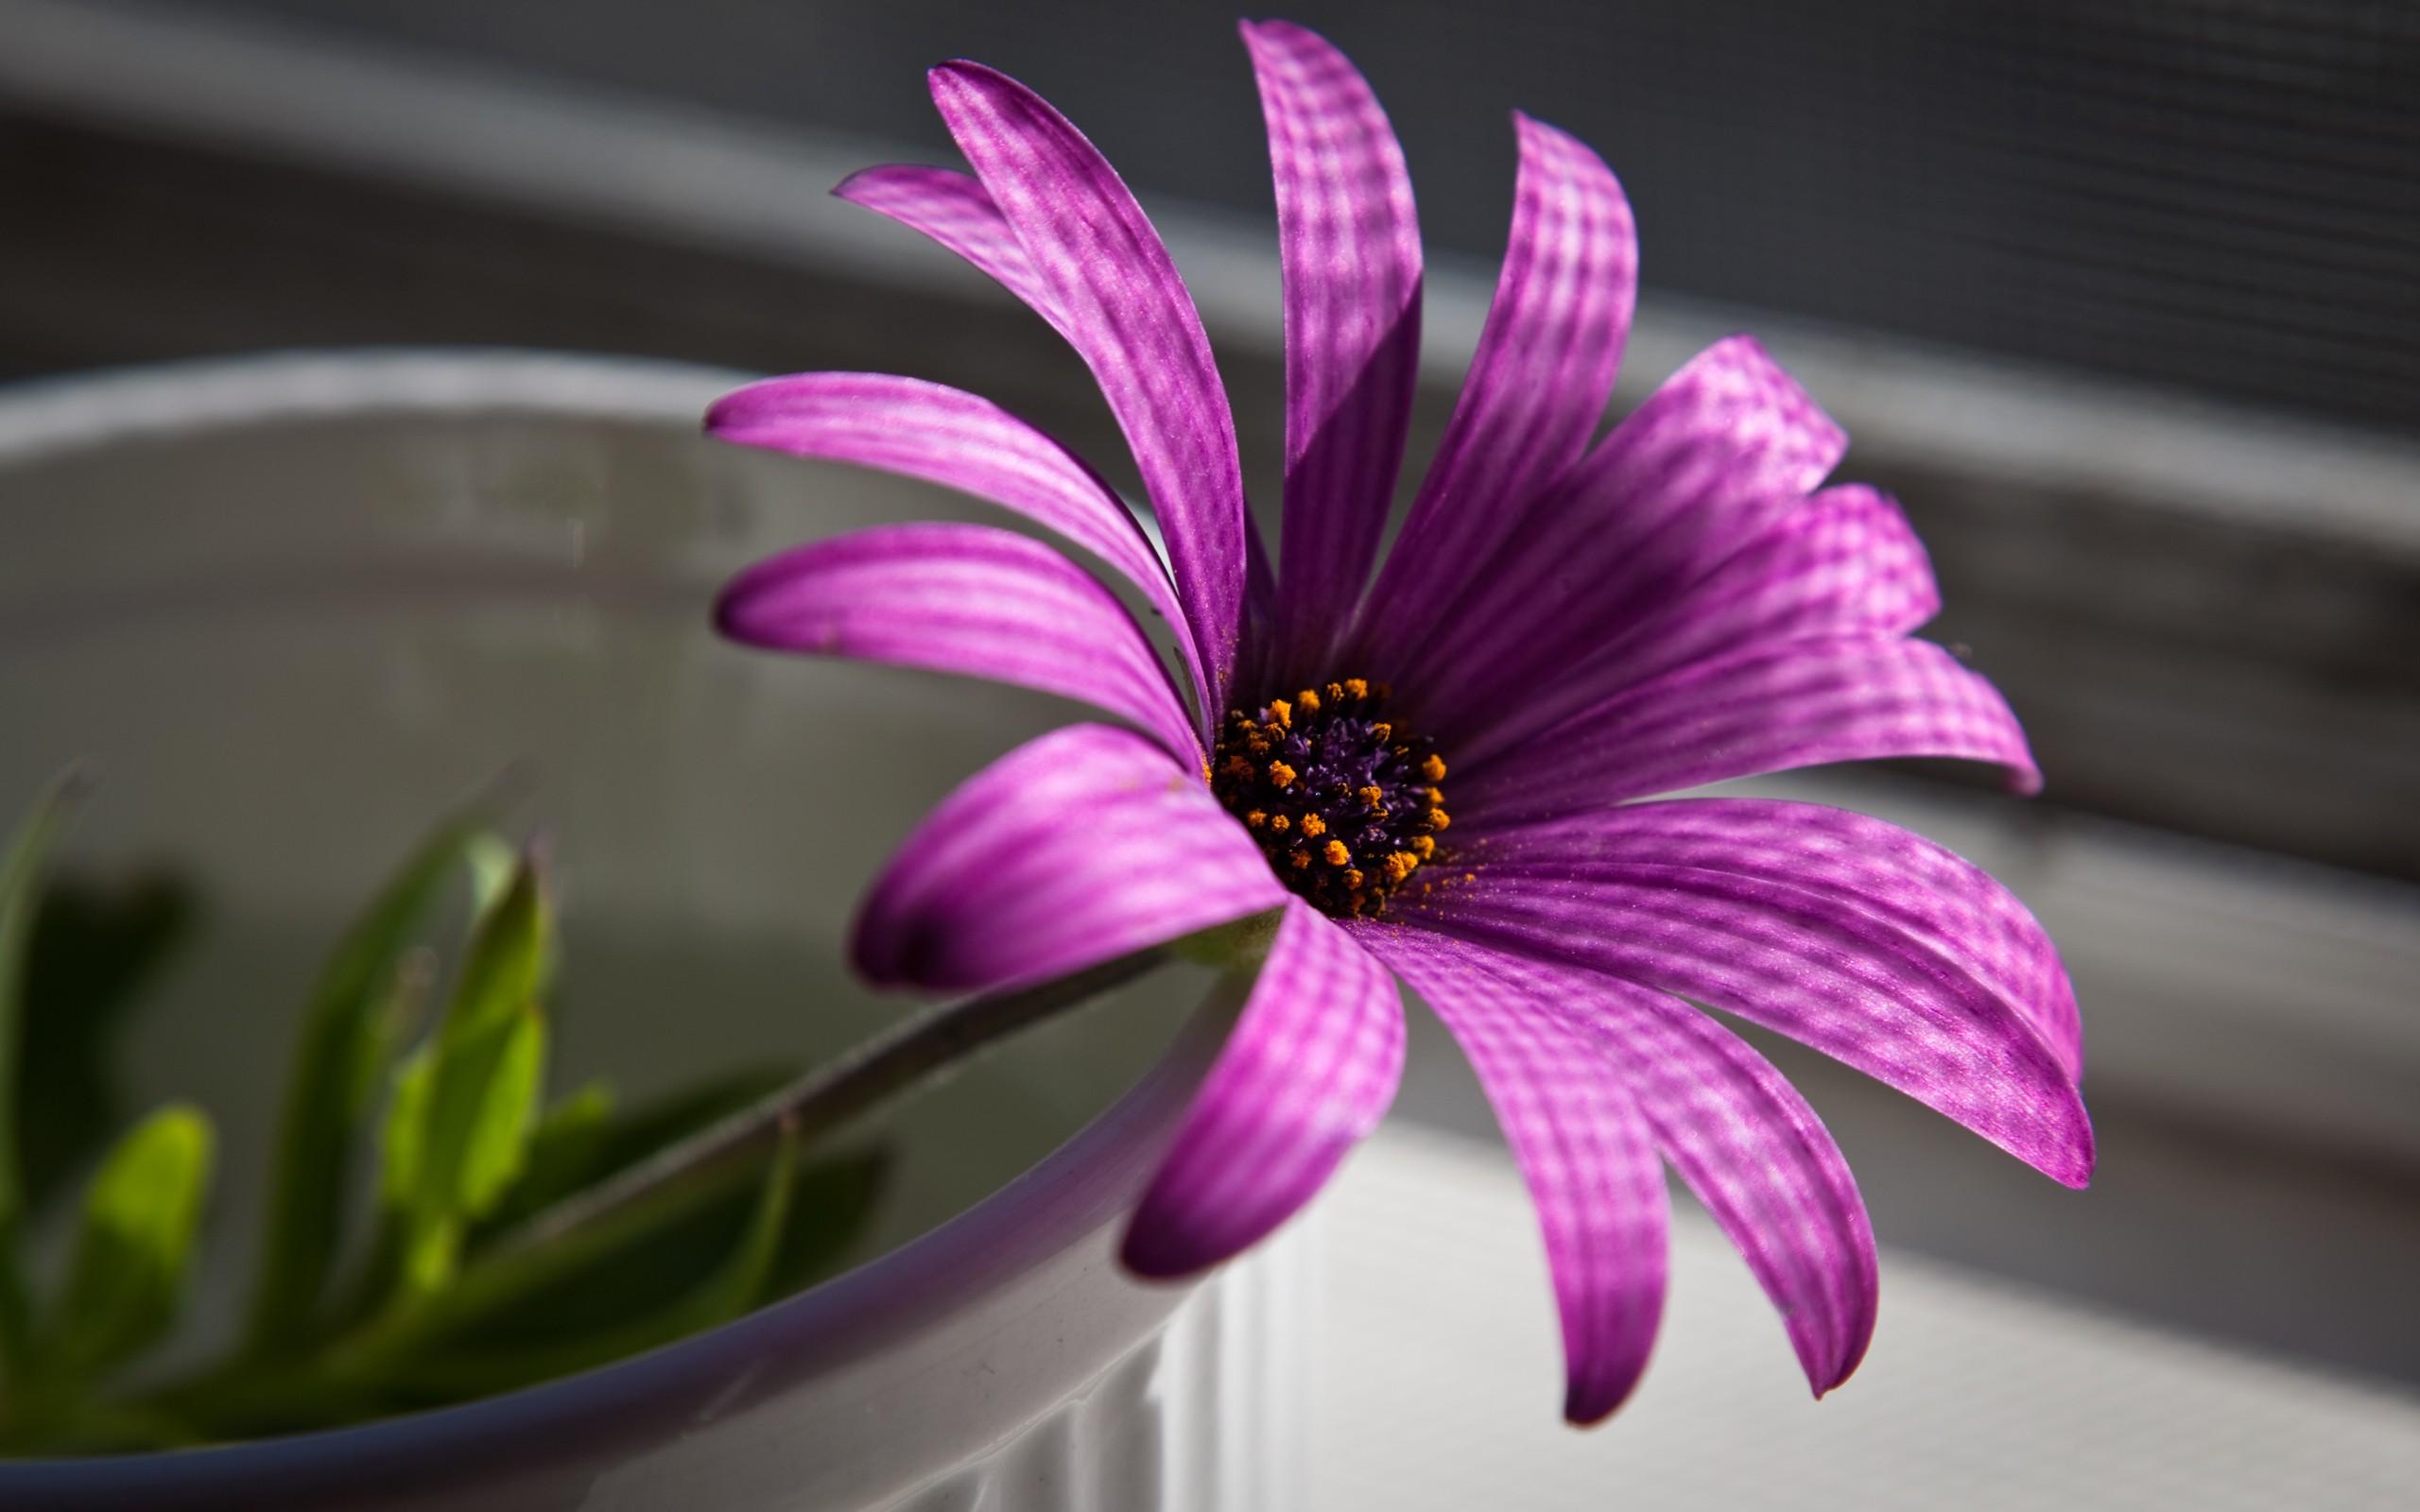 Flor purpura - 2560x1600